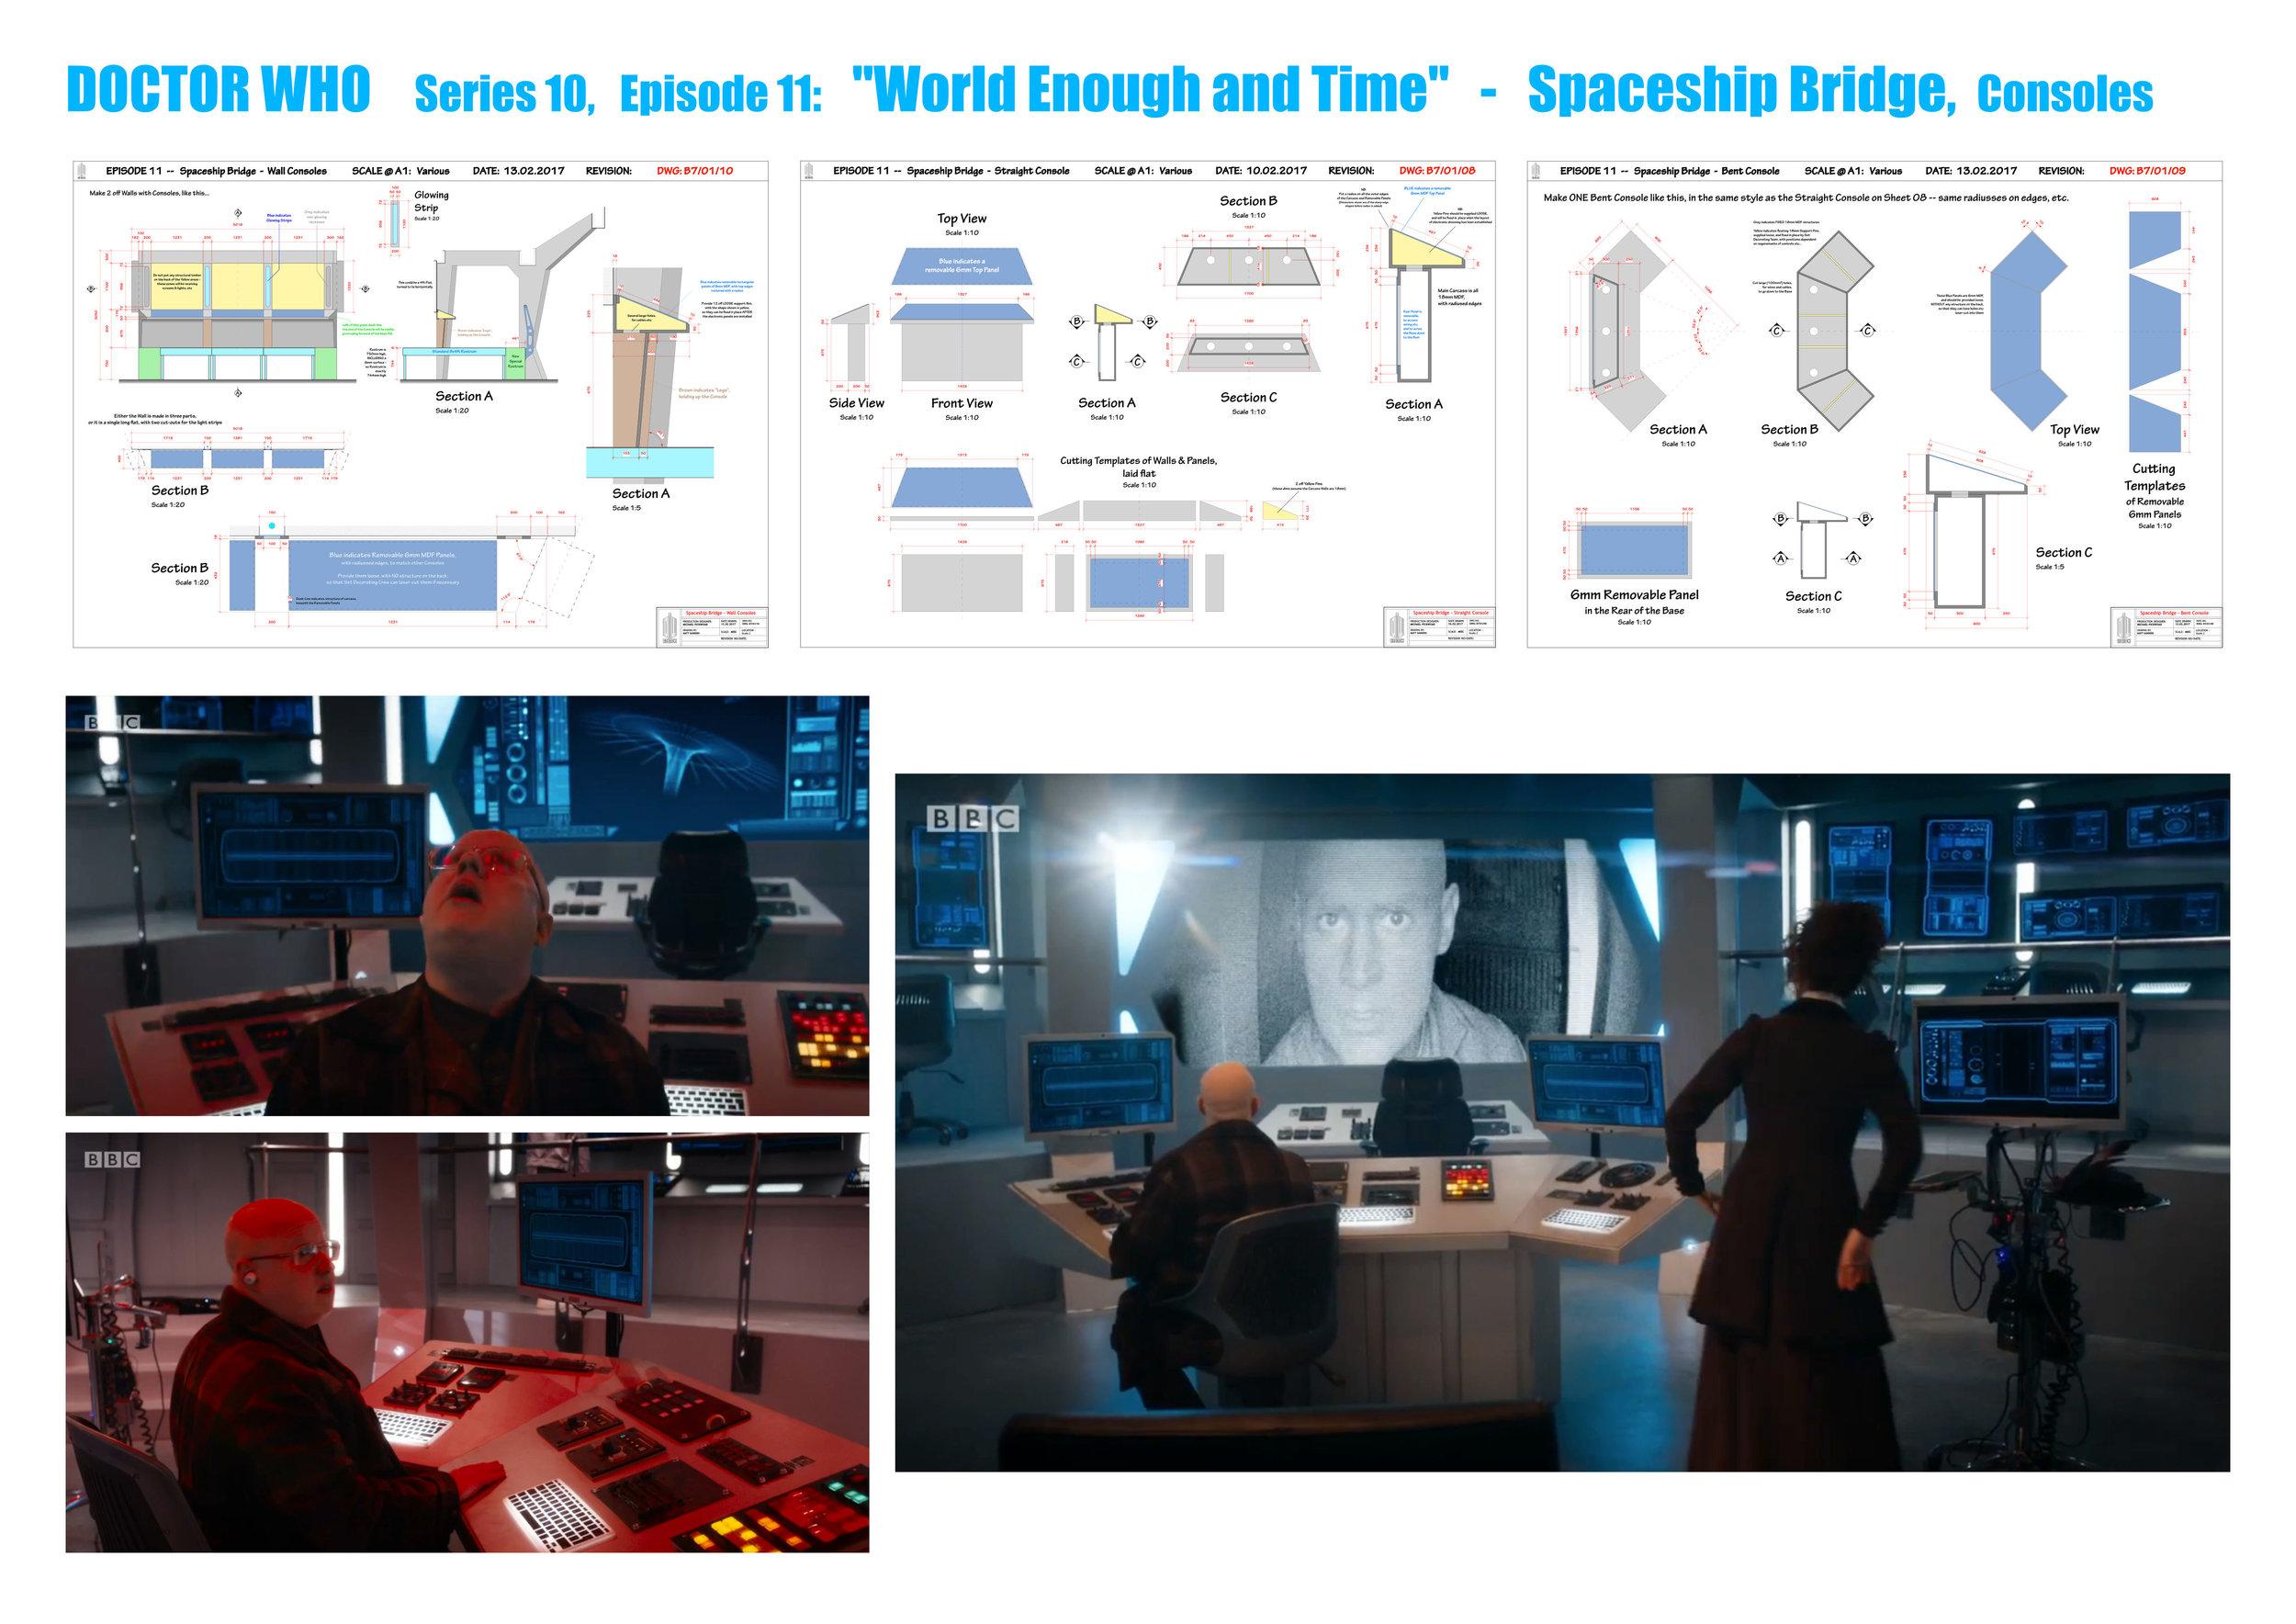 Ep 11 - World Enough - Spaceship Consoles.jpg